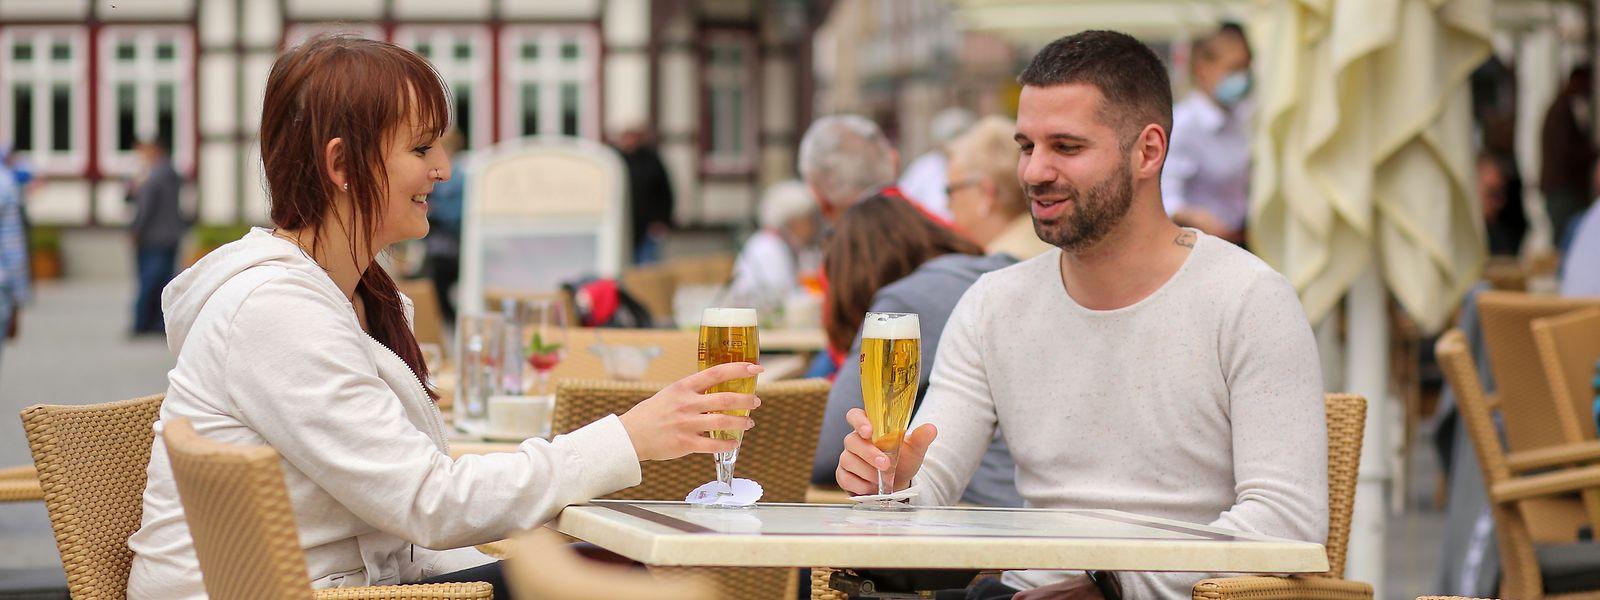 Bars et restaurants belges pourront  à nouveau servir des petits-déjeuners puisqu'ils seront autorisés à démarrer dès 5h du matin dès le milieu de semaine prochaine.